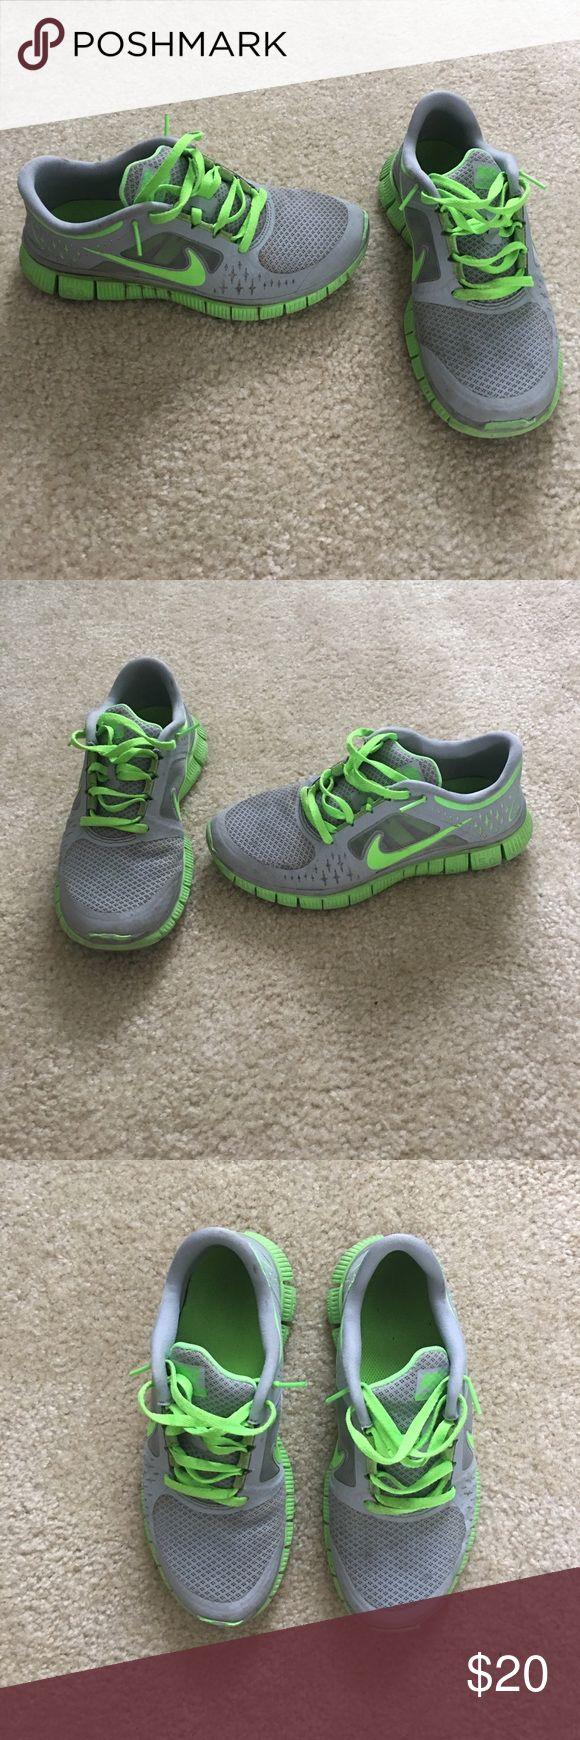 Women's Nike Free Run 3 Shoes. Size 7! Nike Free Run 3 shoes! Size 7! Nike Shoes Athletic Shoes